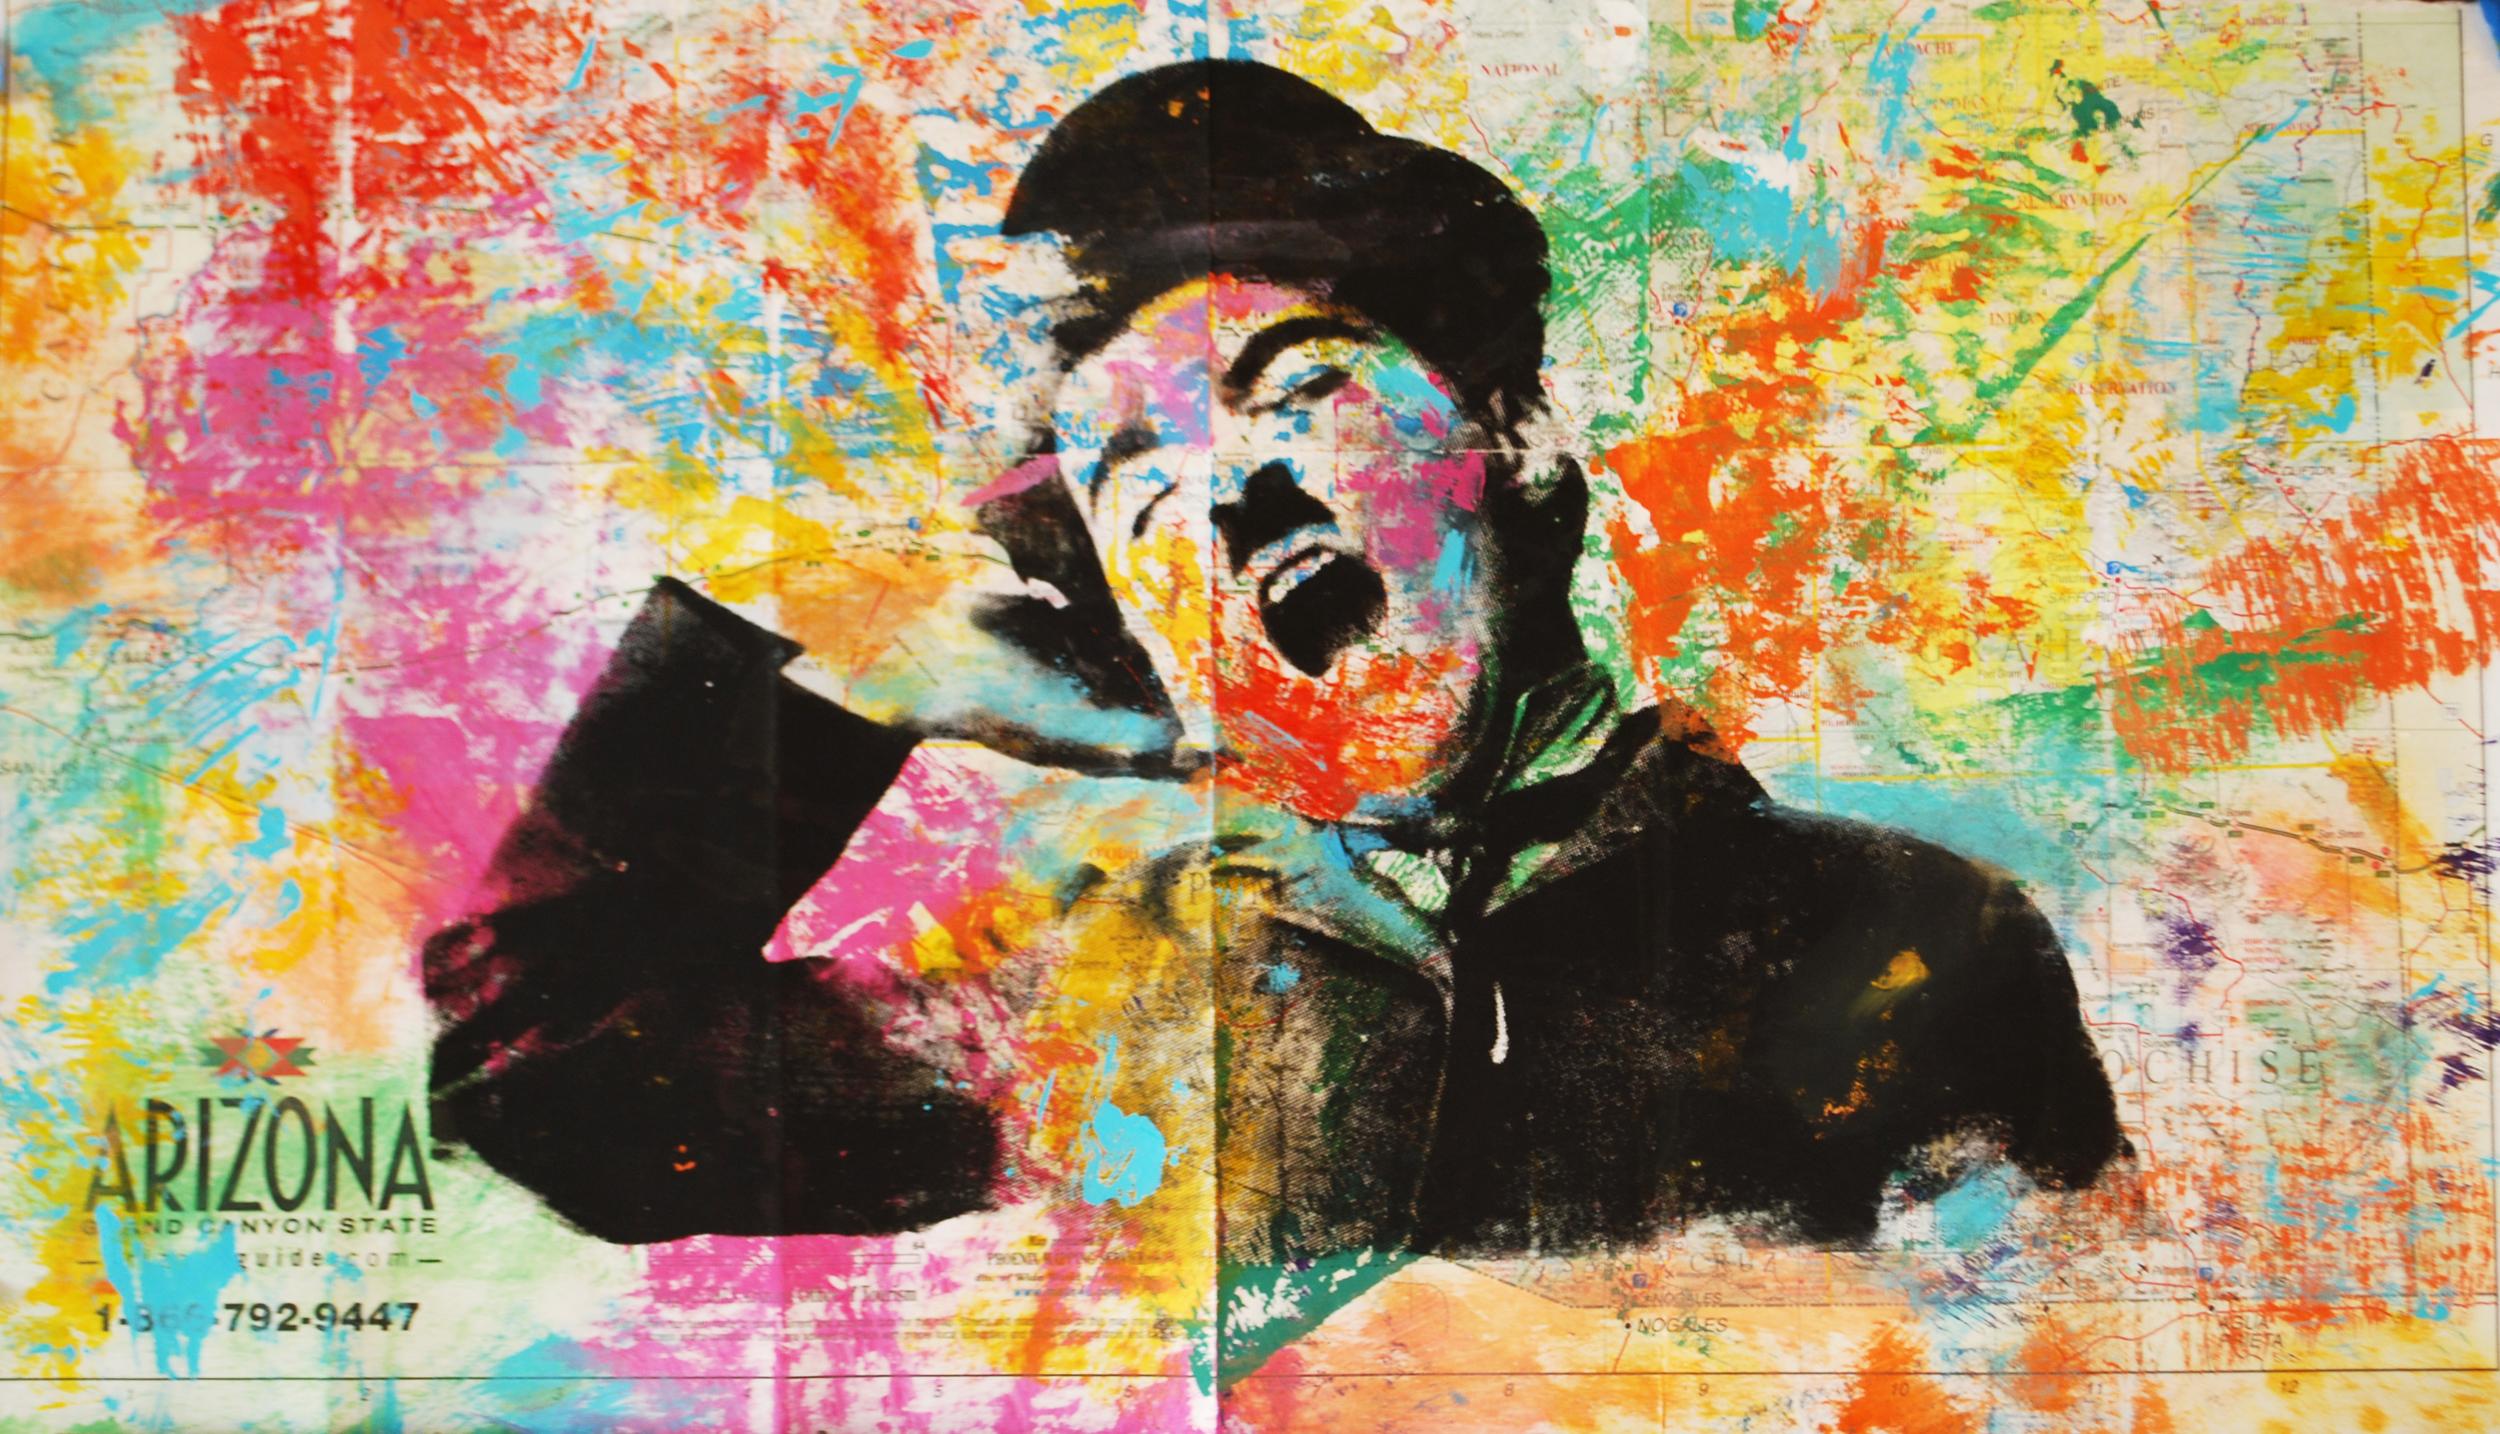 Chaplin II. 3. 22 x 12.5 in